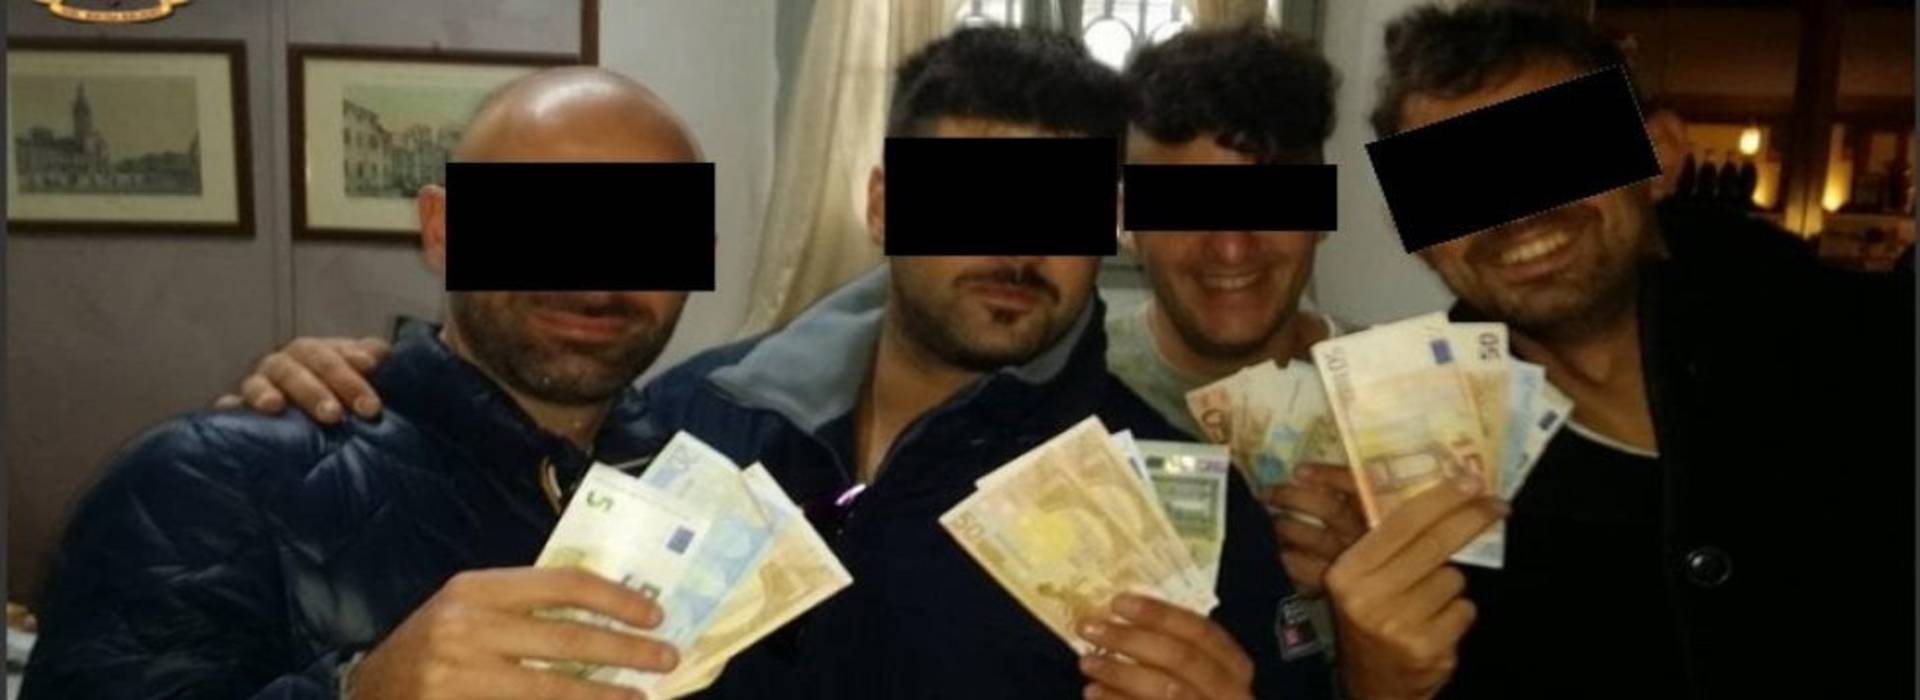 Sequestrata caserma carabinieri di Piacenza per spaccio, estorsione e tortura